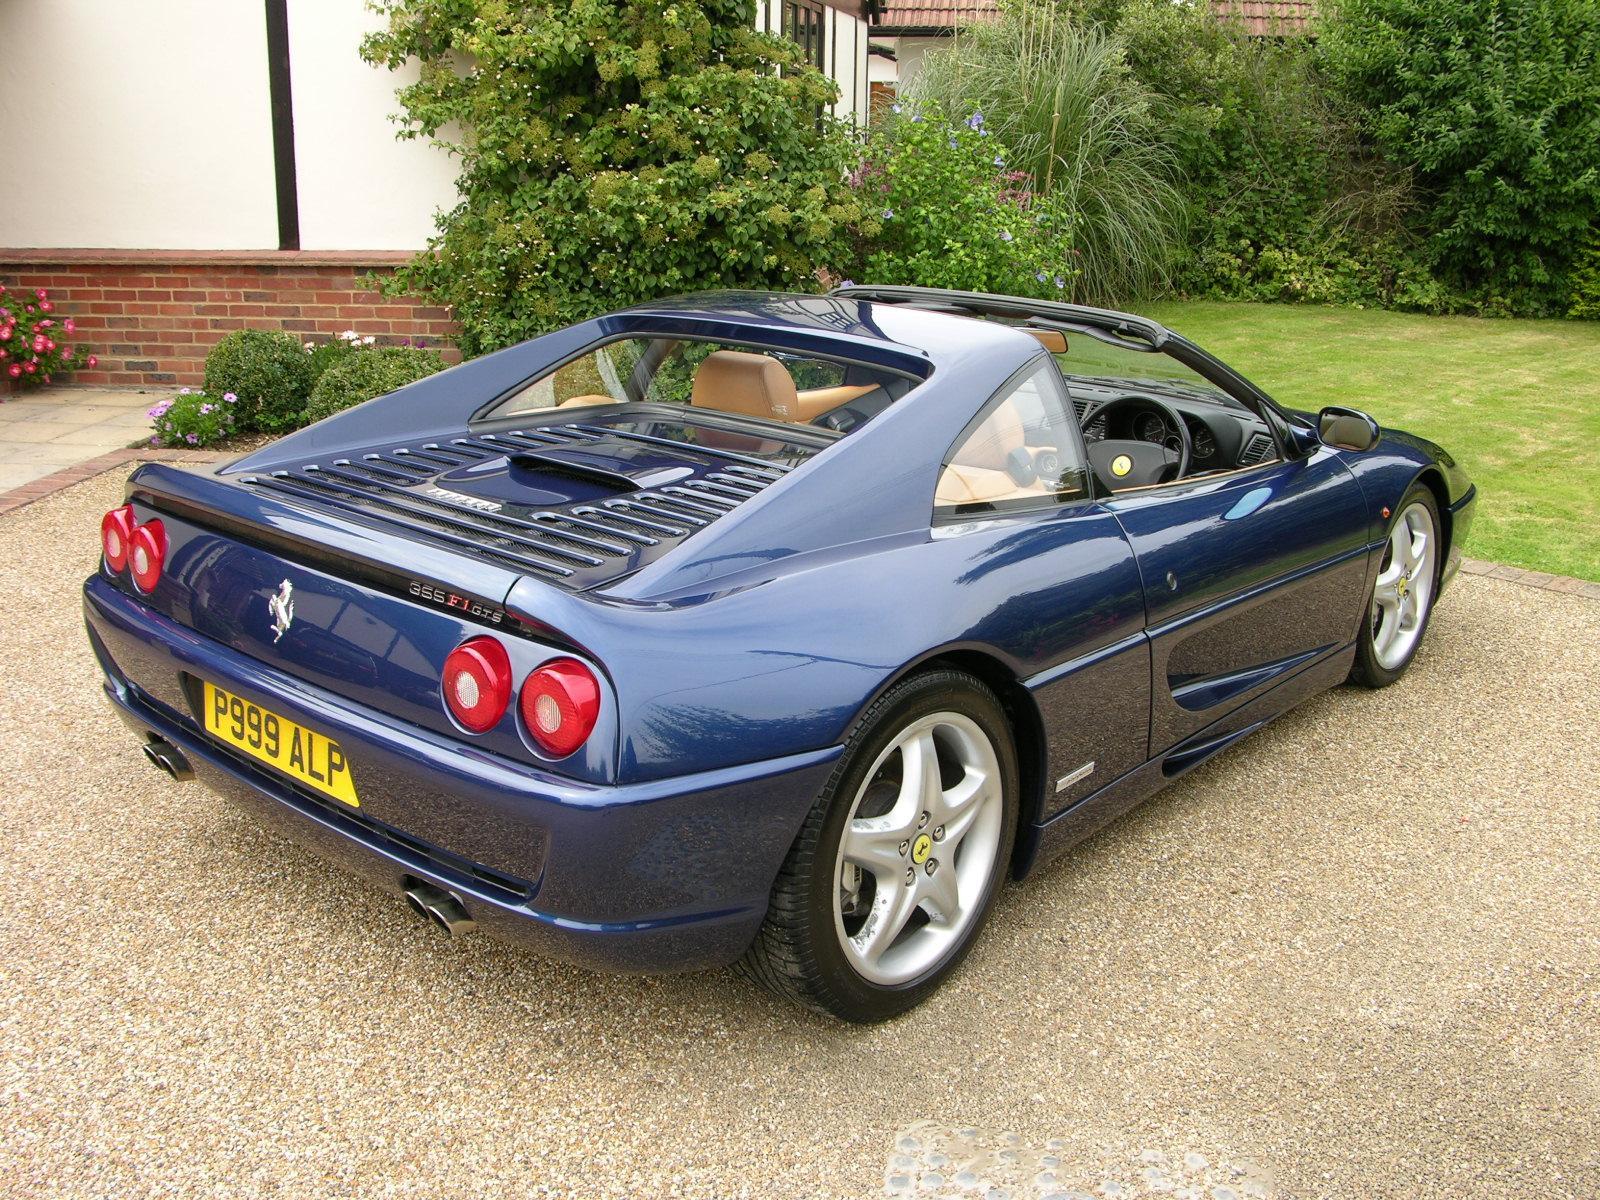 File:Ferrari 355 F1 GTS - Flickr - The Car Spy (17).jpg - Wikimedia